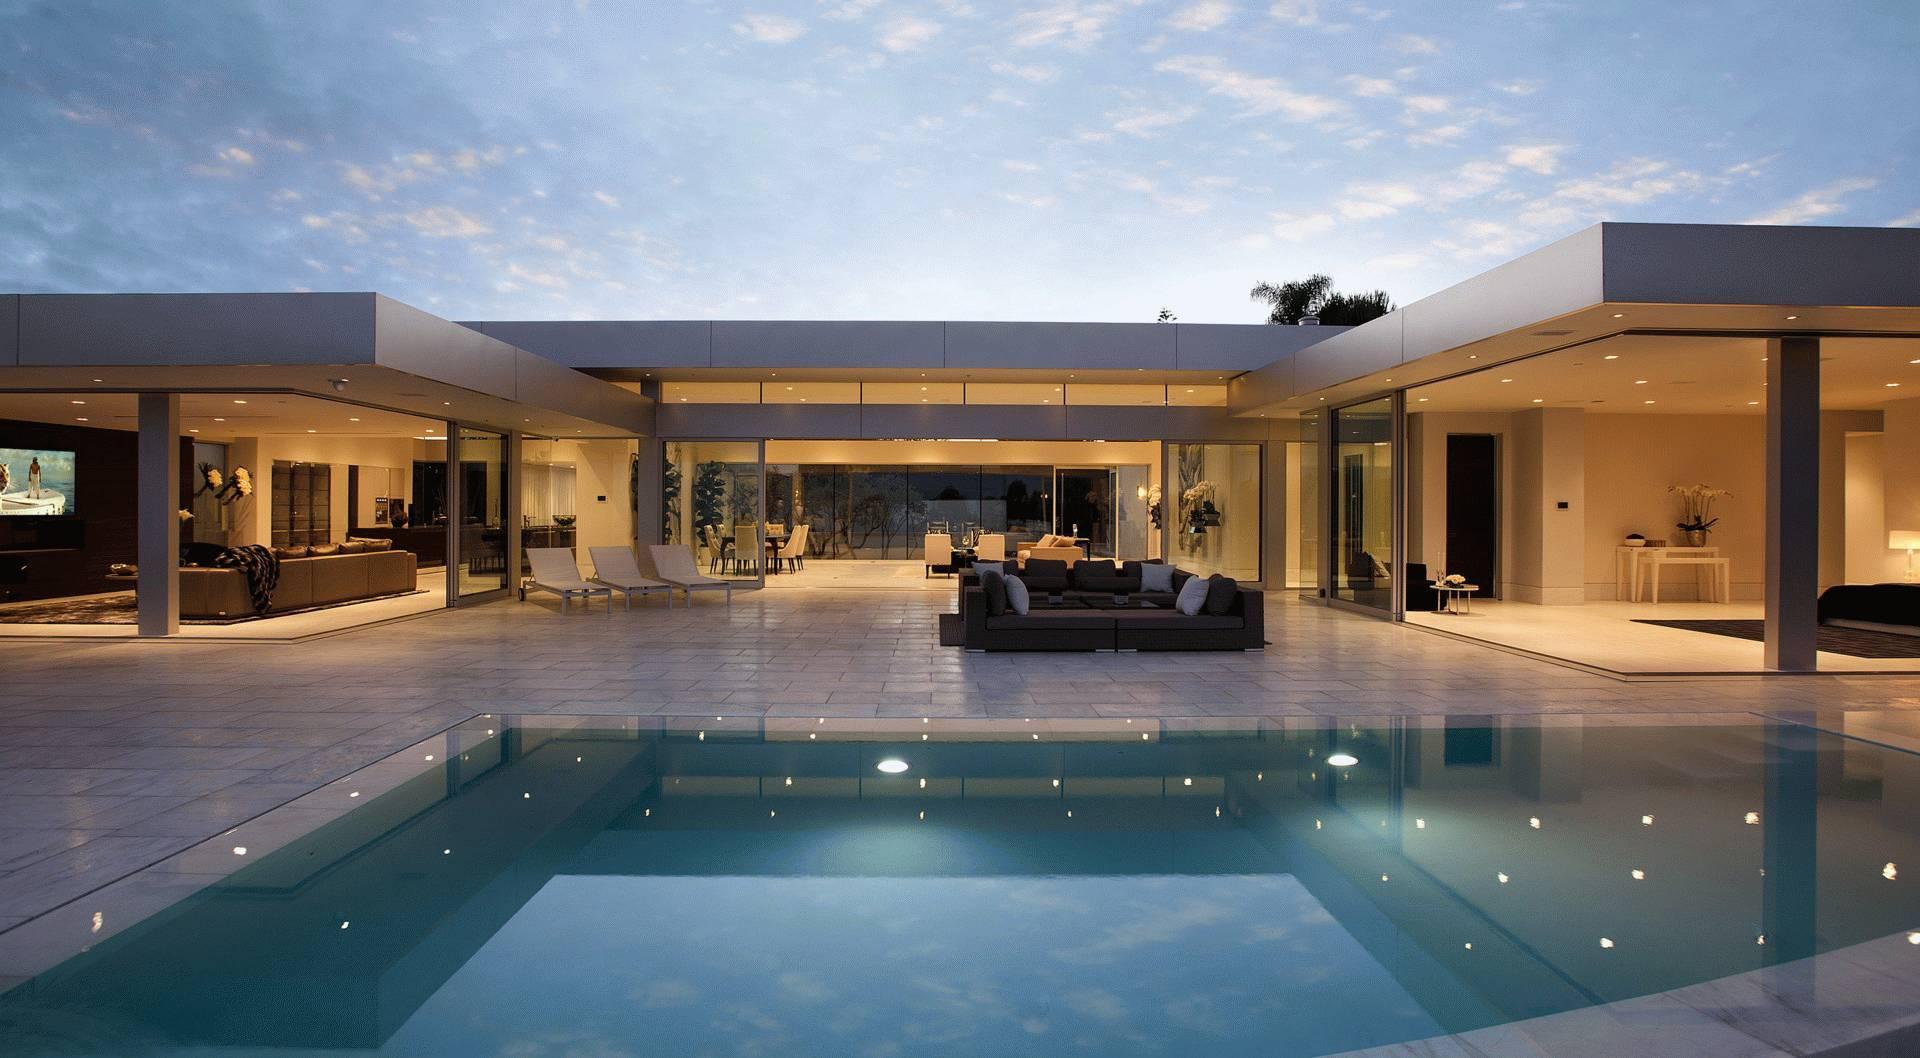 世界上最奢华的住宅区,起售价三亿一套,成龙在此就有一套房